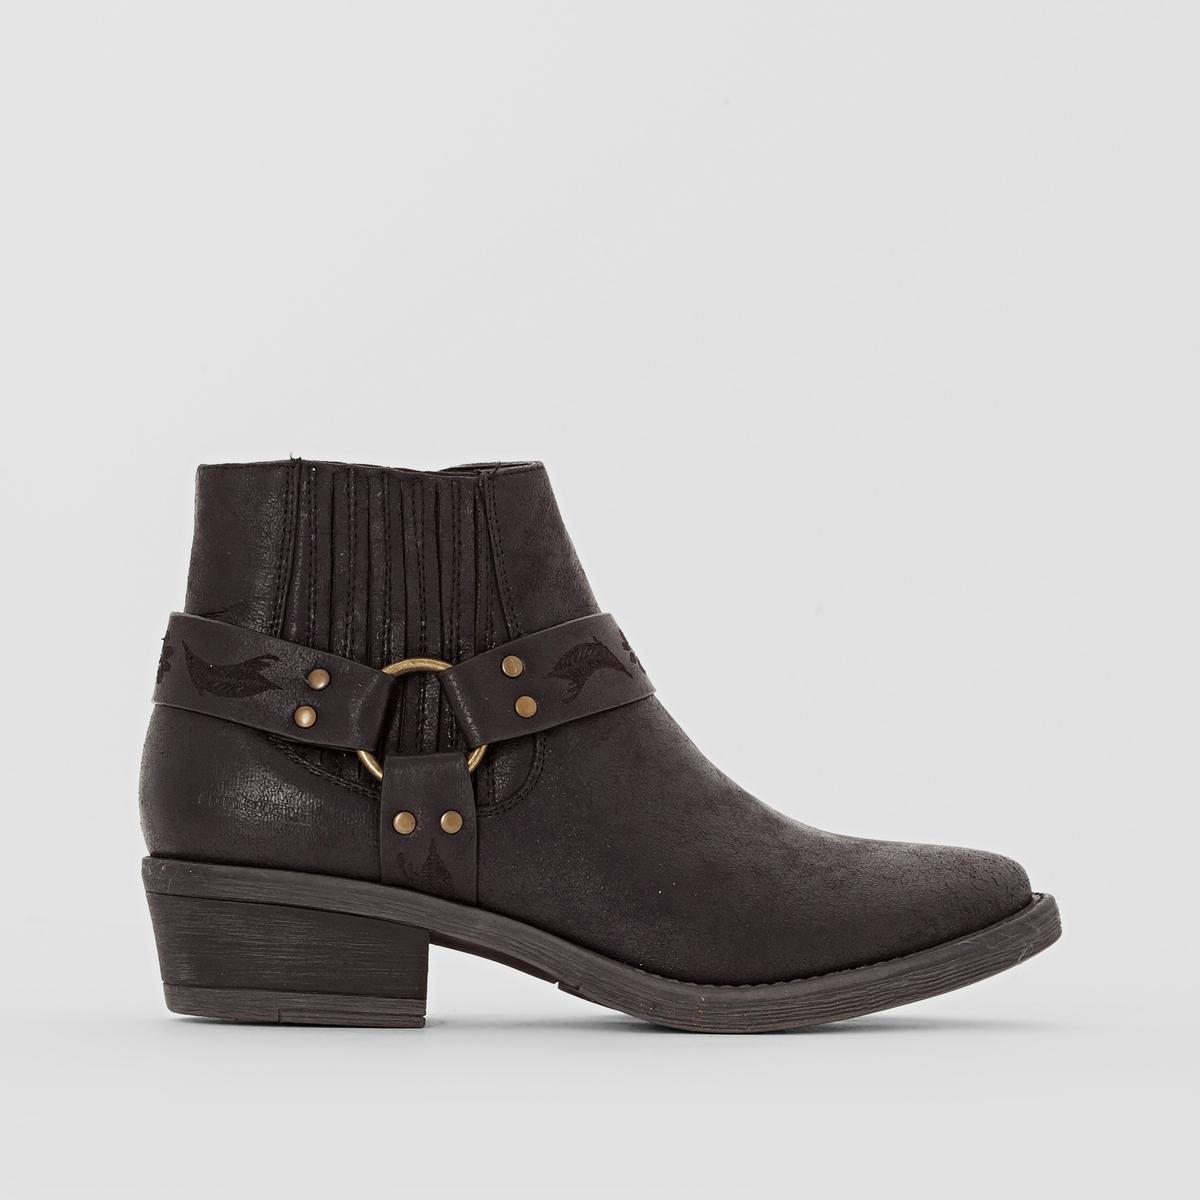 Ботильоны BERYLПодкладка : Микрофибра      Стелька : Микрофибра       Подошва : каучук.       Высота каблука : 3 см   Высота голенища : 11 см.   Форма каблука : Широкий    Носок : Закругленный.   Застежка : На молнии<br><br>Цвет: черный